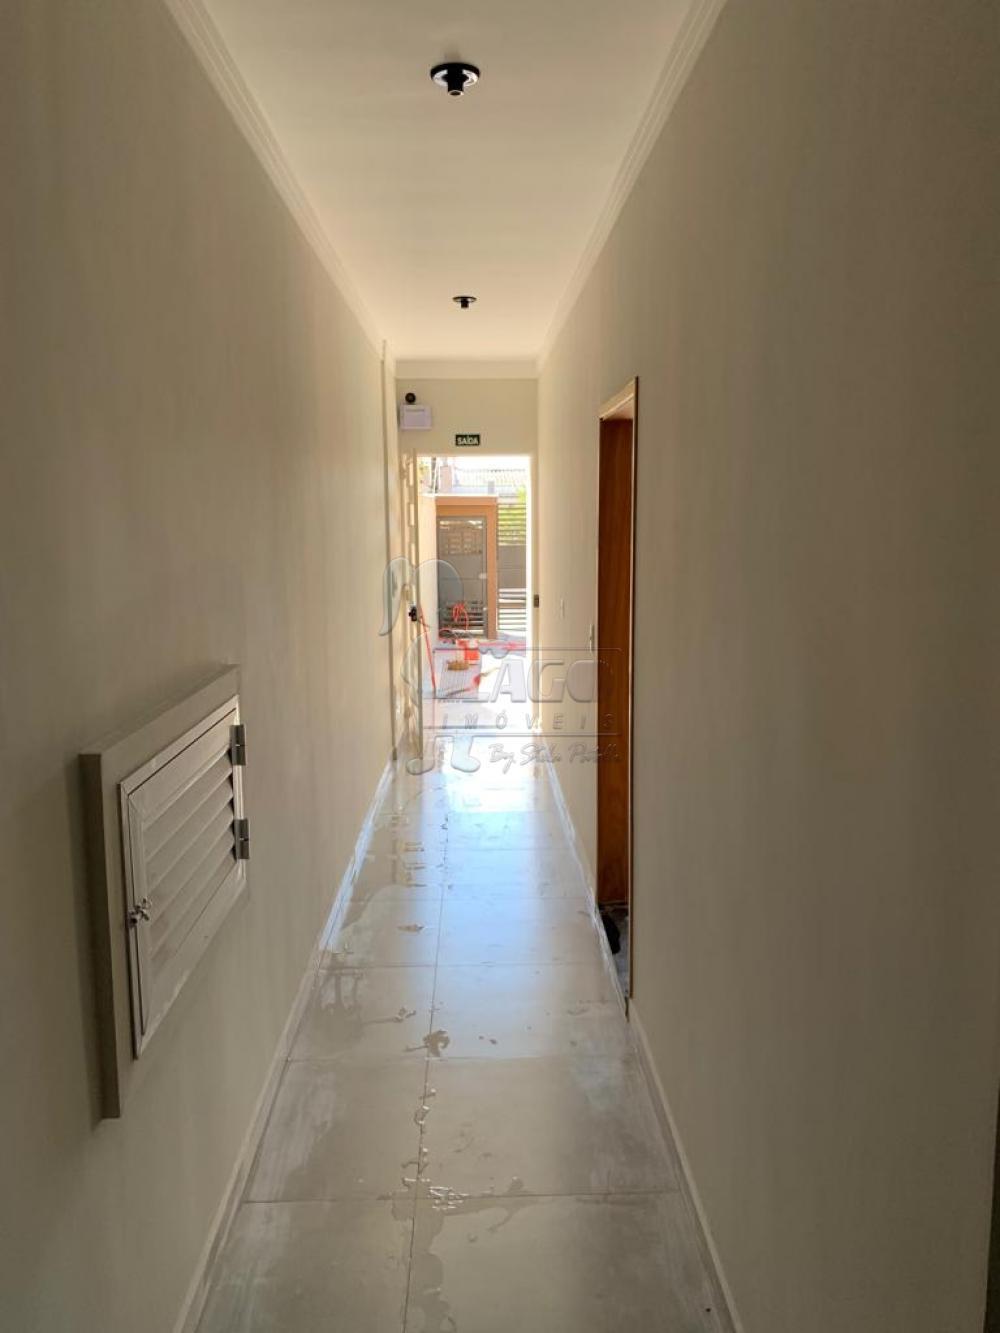 Comprar Apartamento / Padrão em Ribeirão Preto apenas R$ 280.000,00 - Foto 24